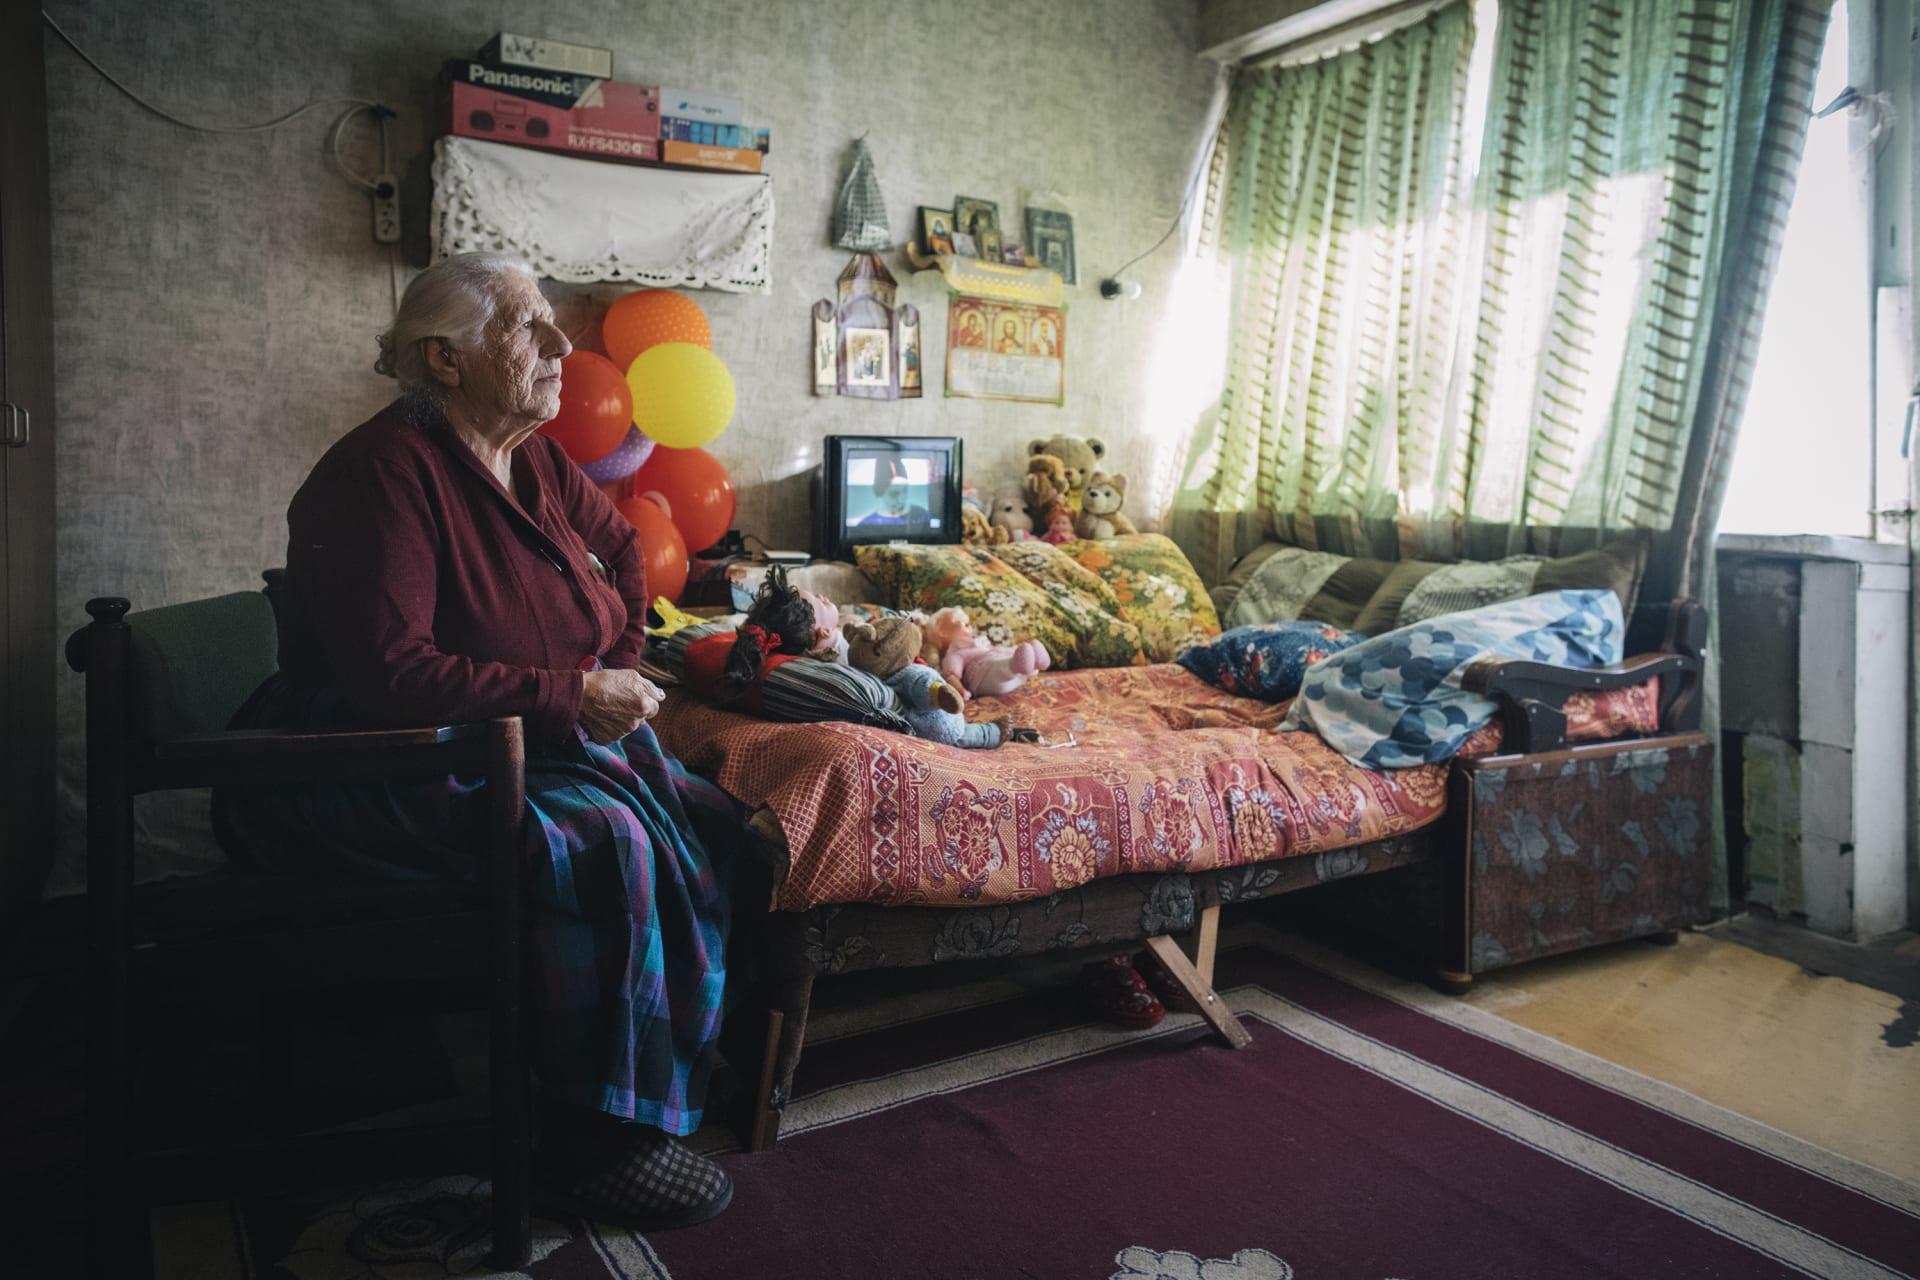 مع أنها مهجورة.. تشكل هذه المنتجعات السوفييتية منزلاً لضحايا الحرب